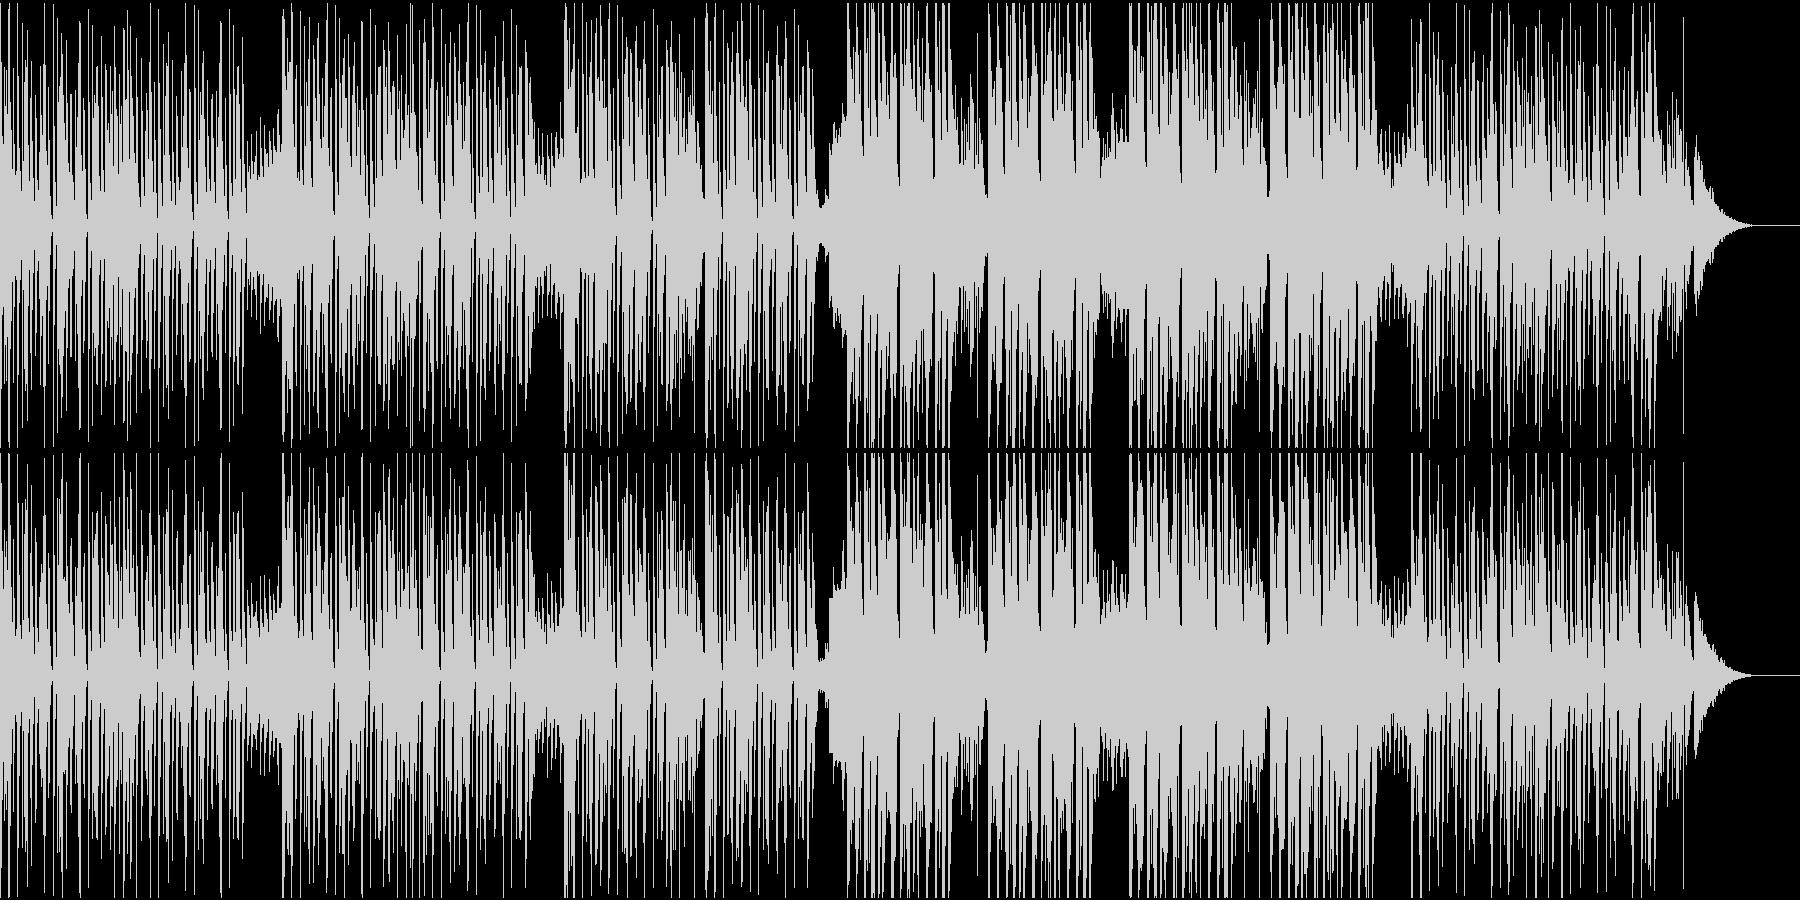 リズミカルでお洒落なダンス曲/EDMの未再生の波形